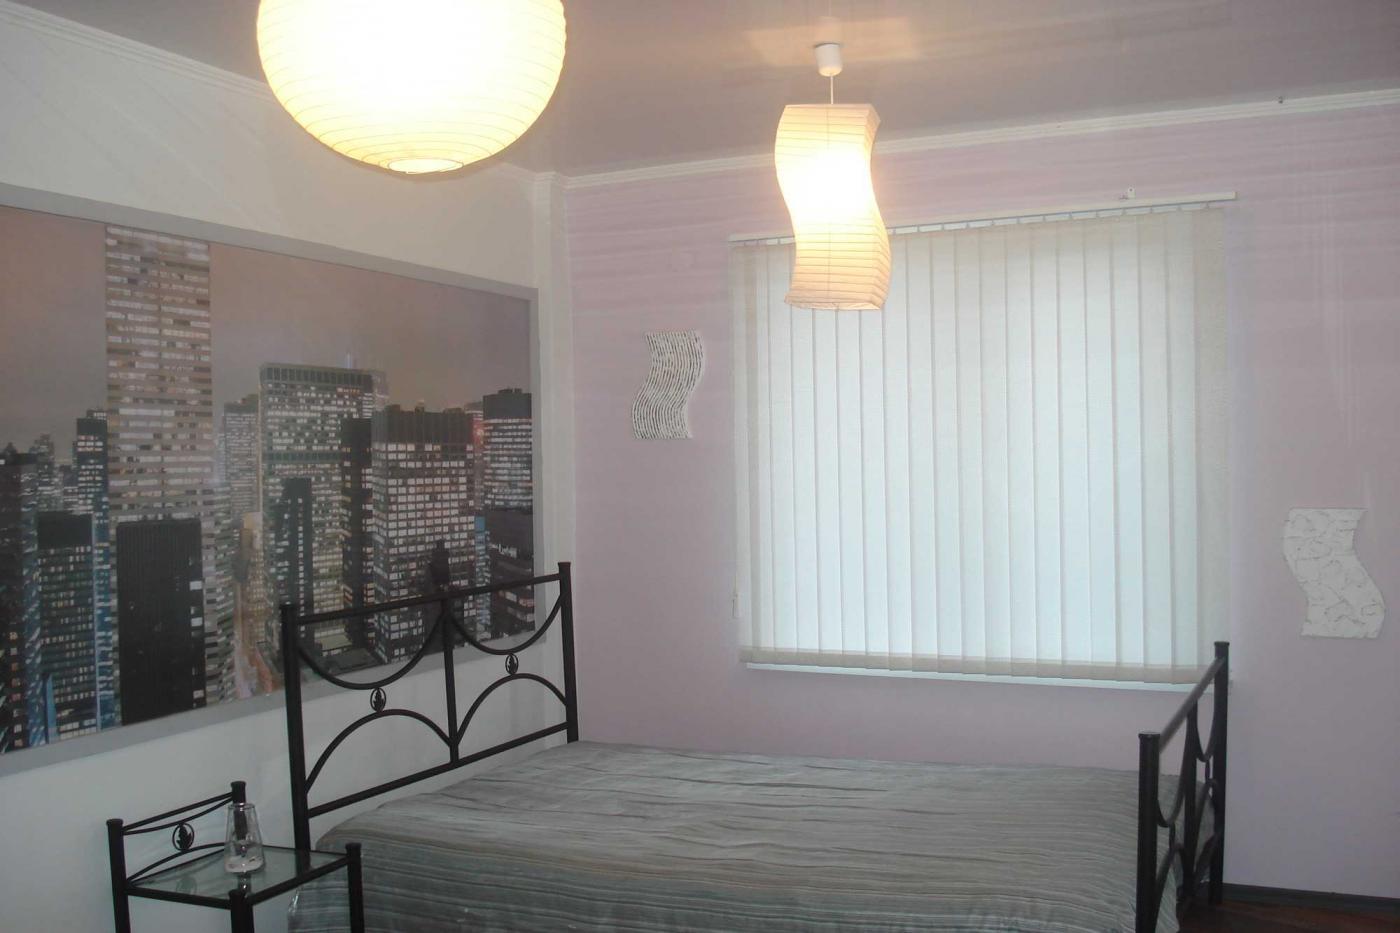 1-комнатная квартира посуточно (вариант № 867), ул. Кастрополь, ул. Кипарисная улица, фото № 6